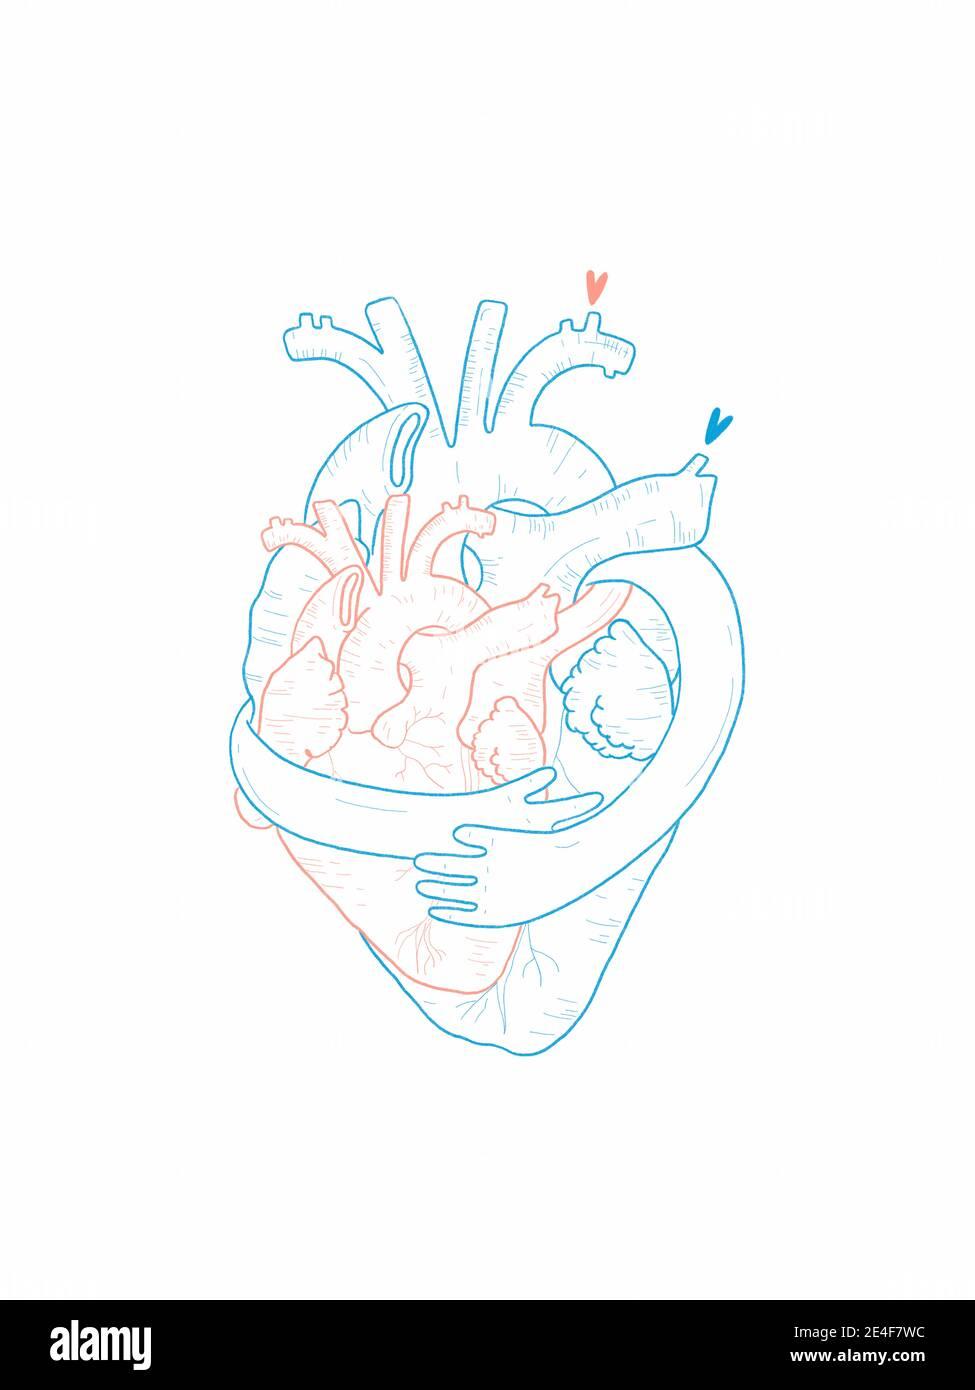 Disegno a mano Illustrazione di due cuori che si abbracciano l'un l'altro Foto Stock